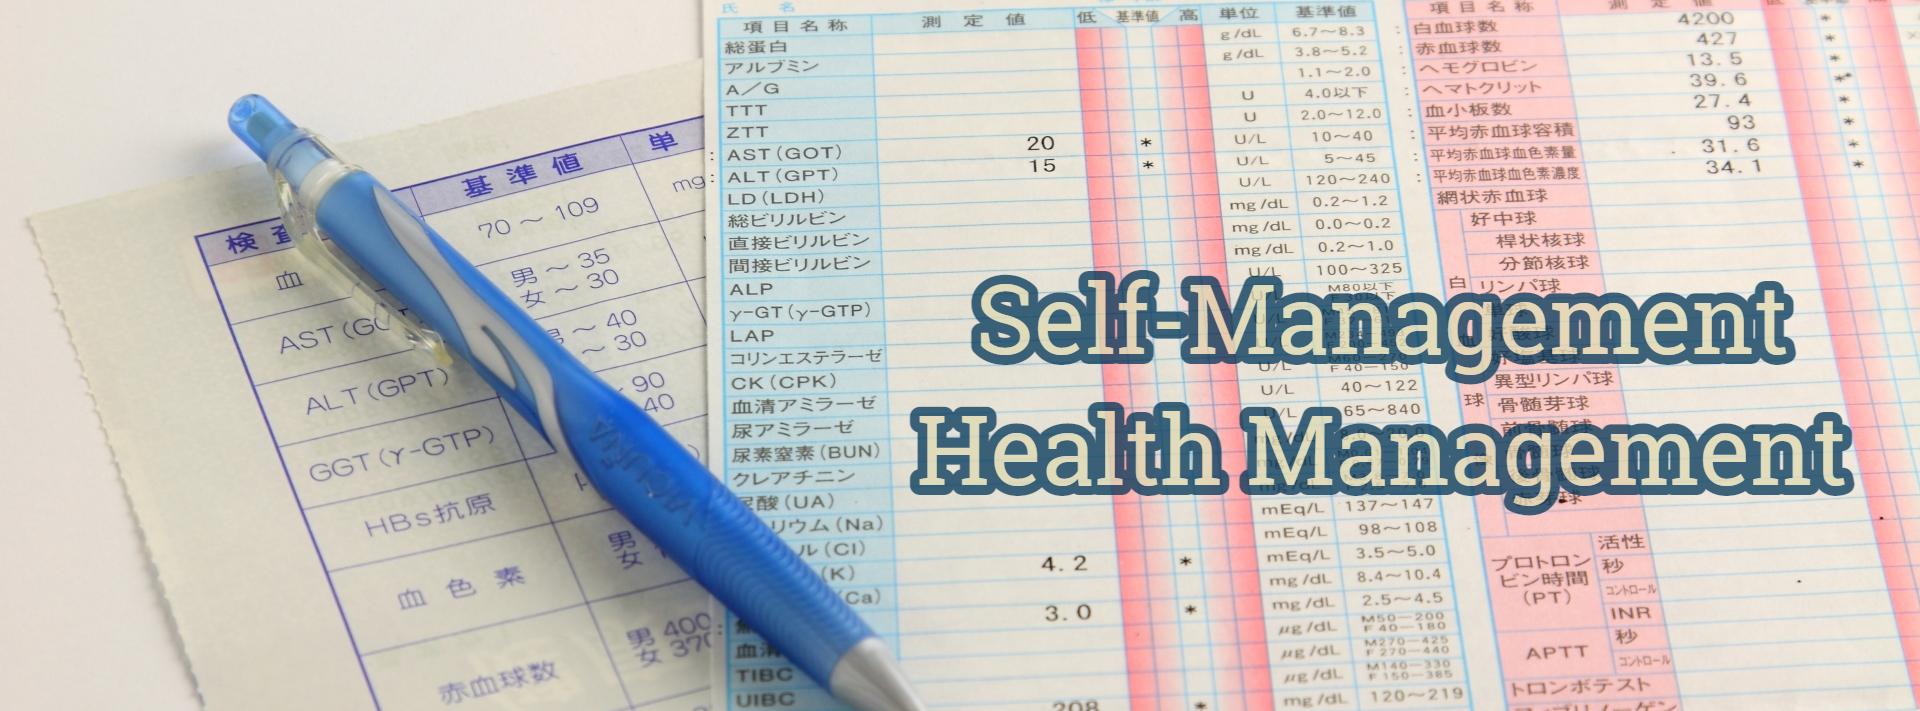 人生後半戦は健康管理こそが自己管理の証|新おとな学 www.snias.com